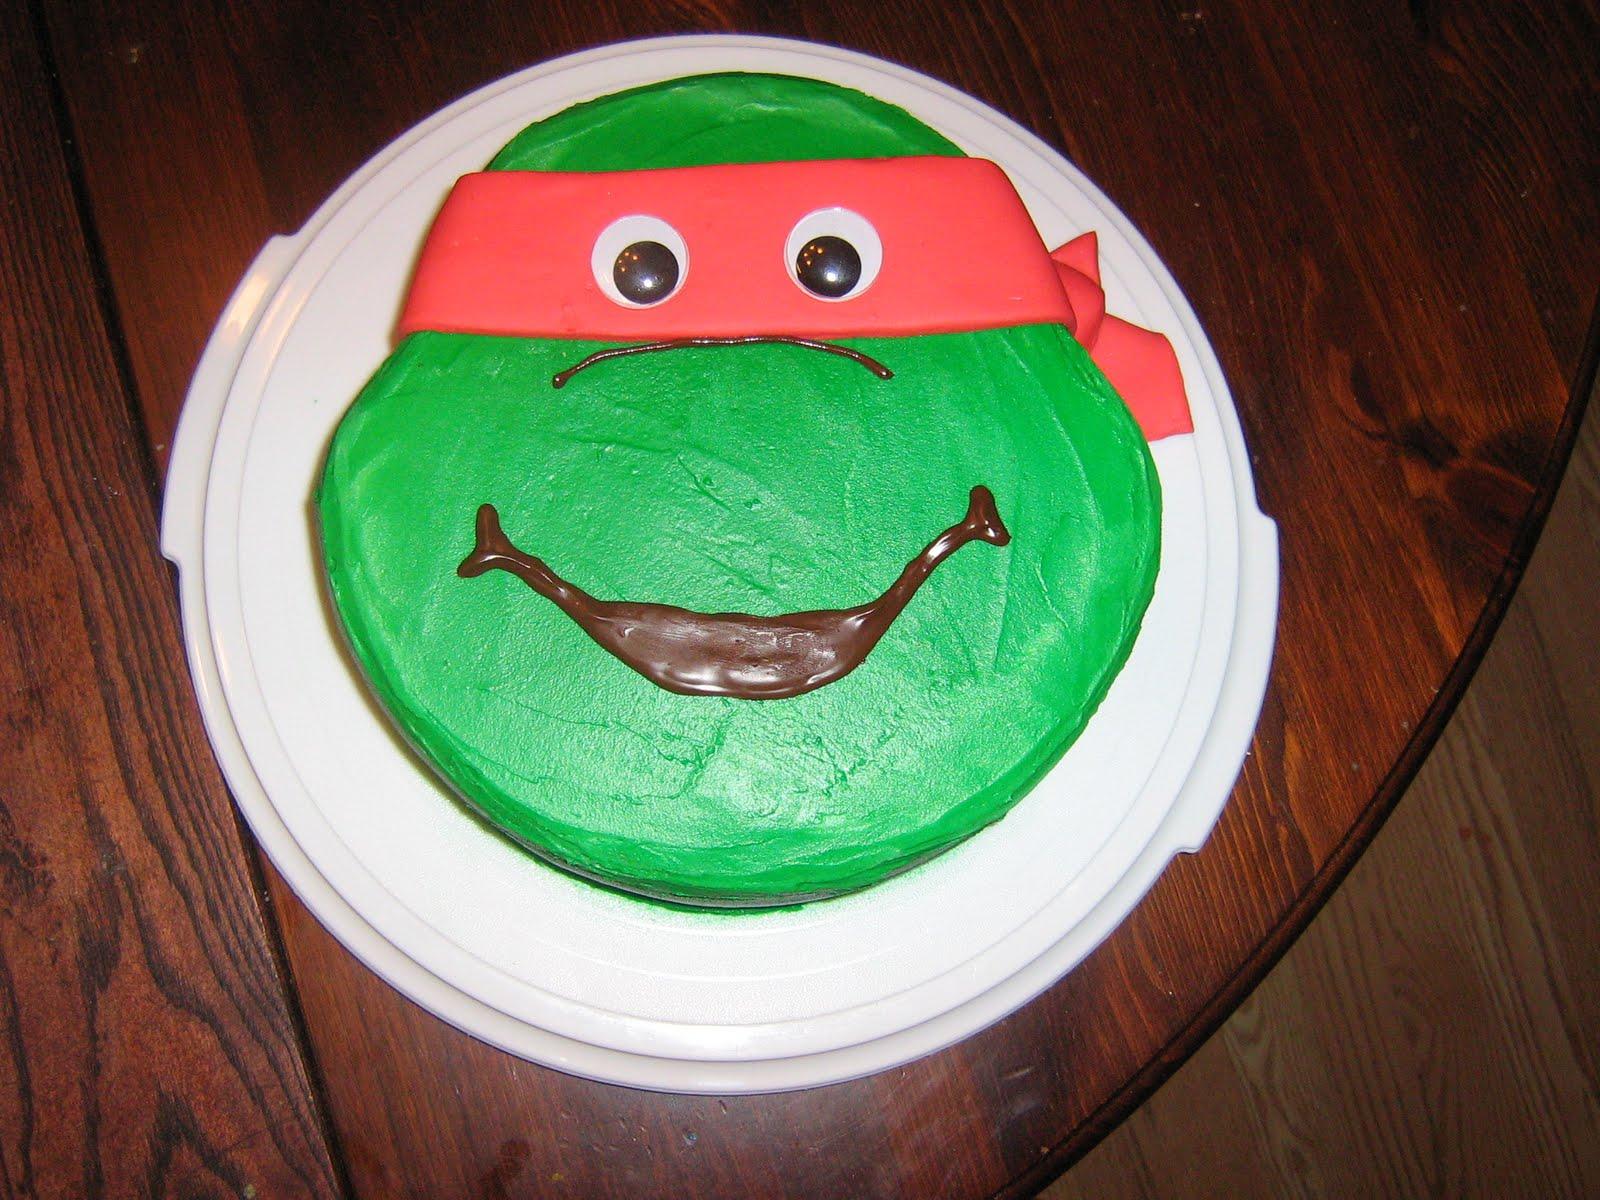 teenage mutant ninja turtles cake pan